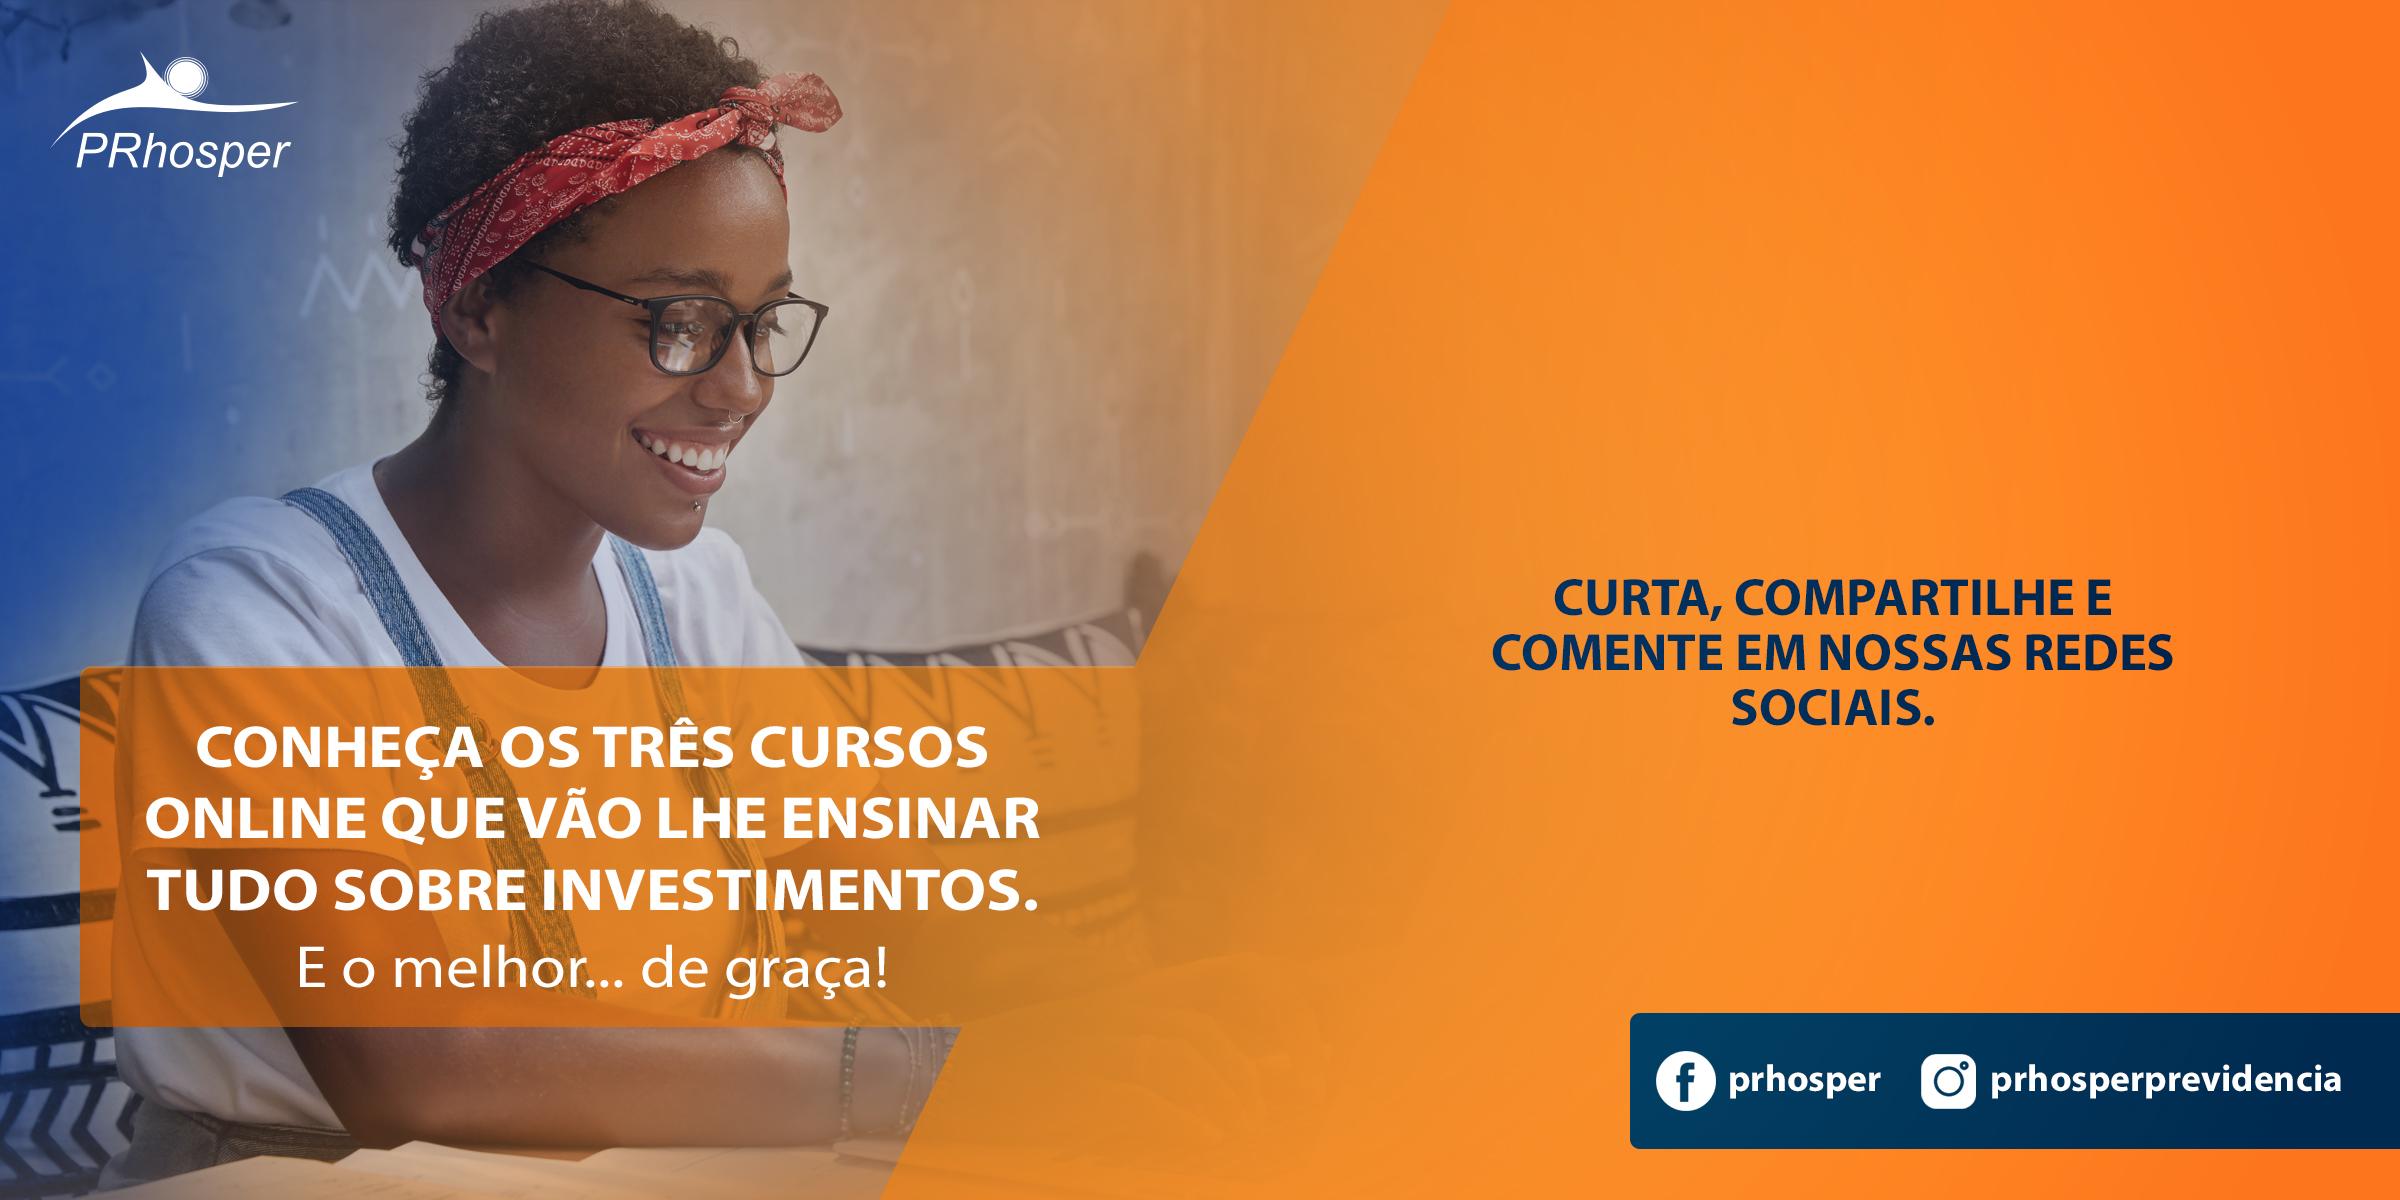 >Conheça três cursos online e gratuitos sobre investimentos.